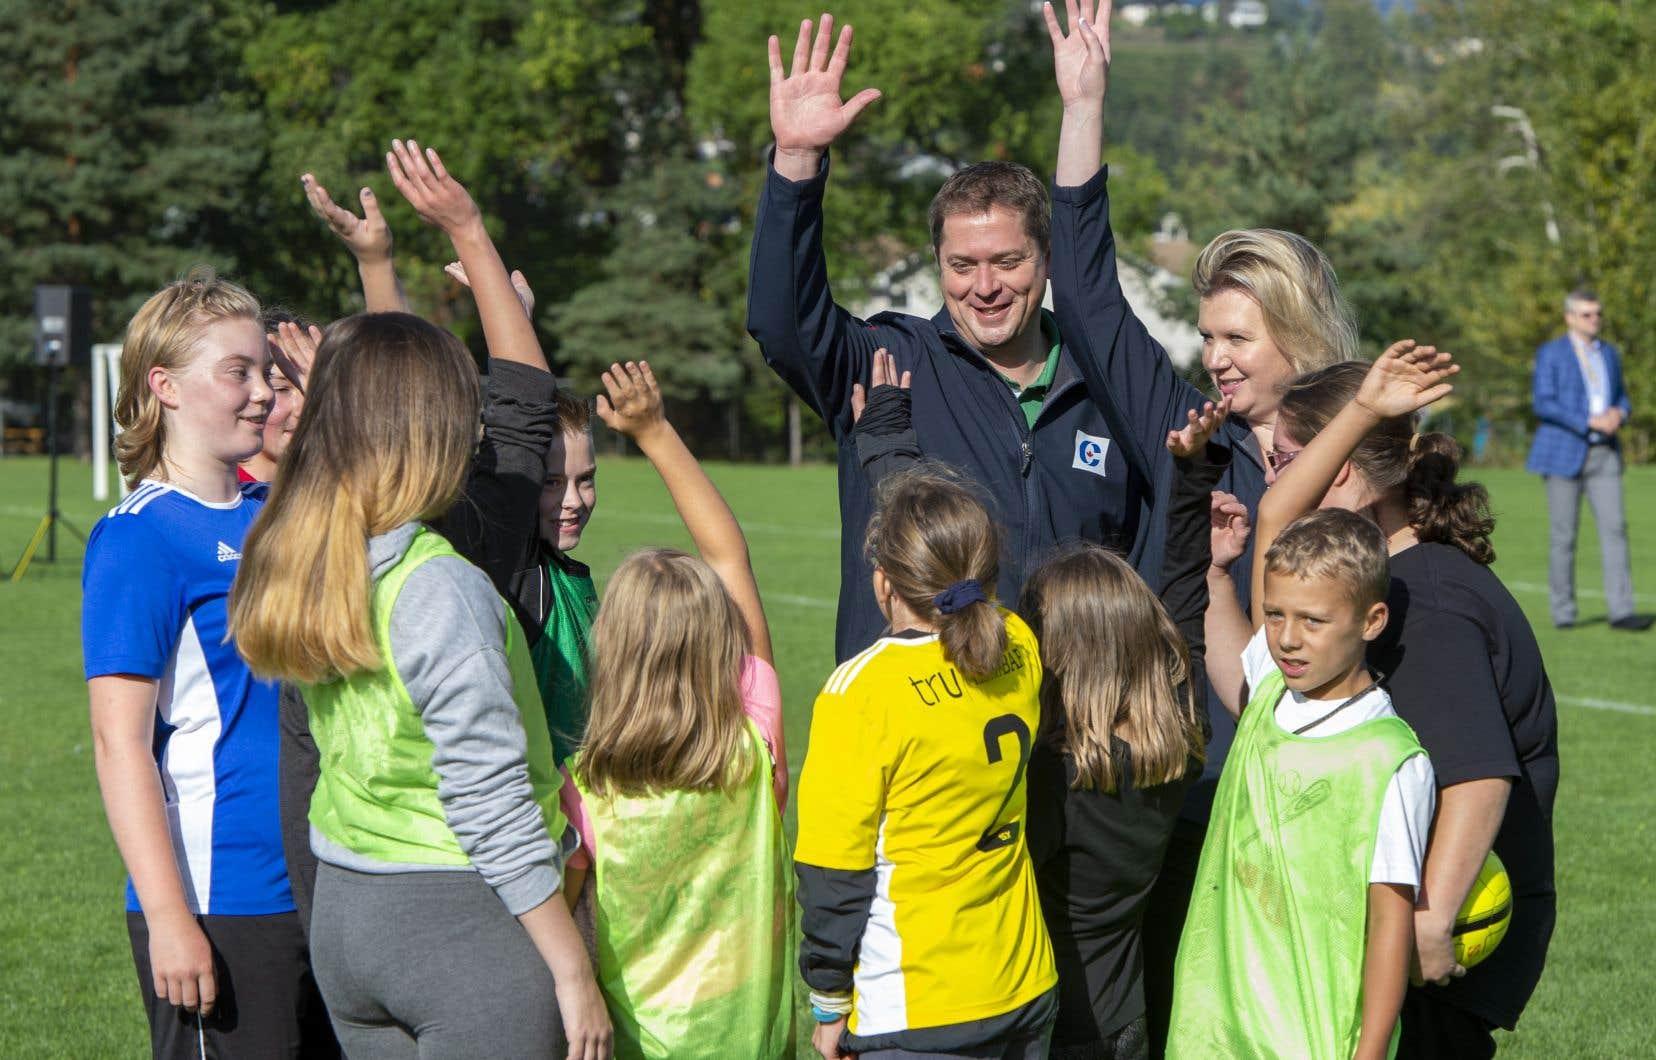 Andrew Scheers'engage donc à instaurer un crédit d'impôt remboursable de 1000$ par année pour les activités sportives des enfants, 500$ de plus si l'enfant souffre d'un handicap.